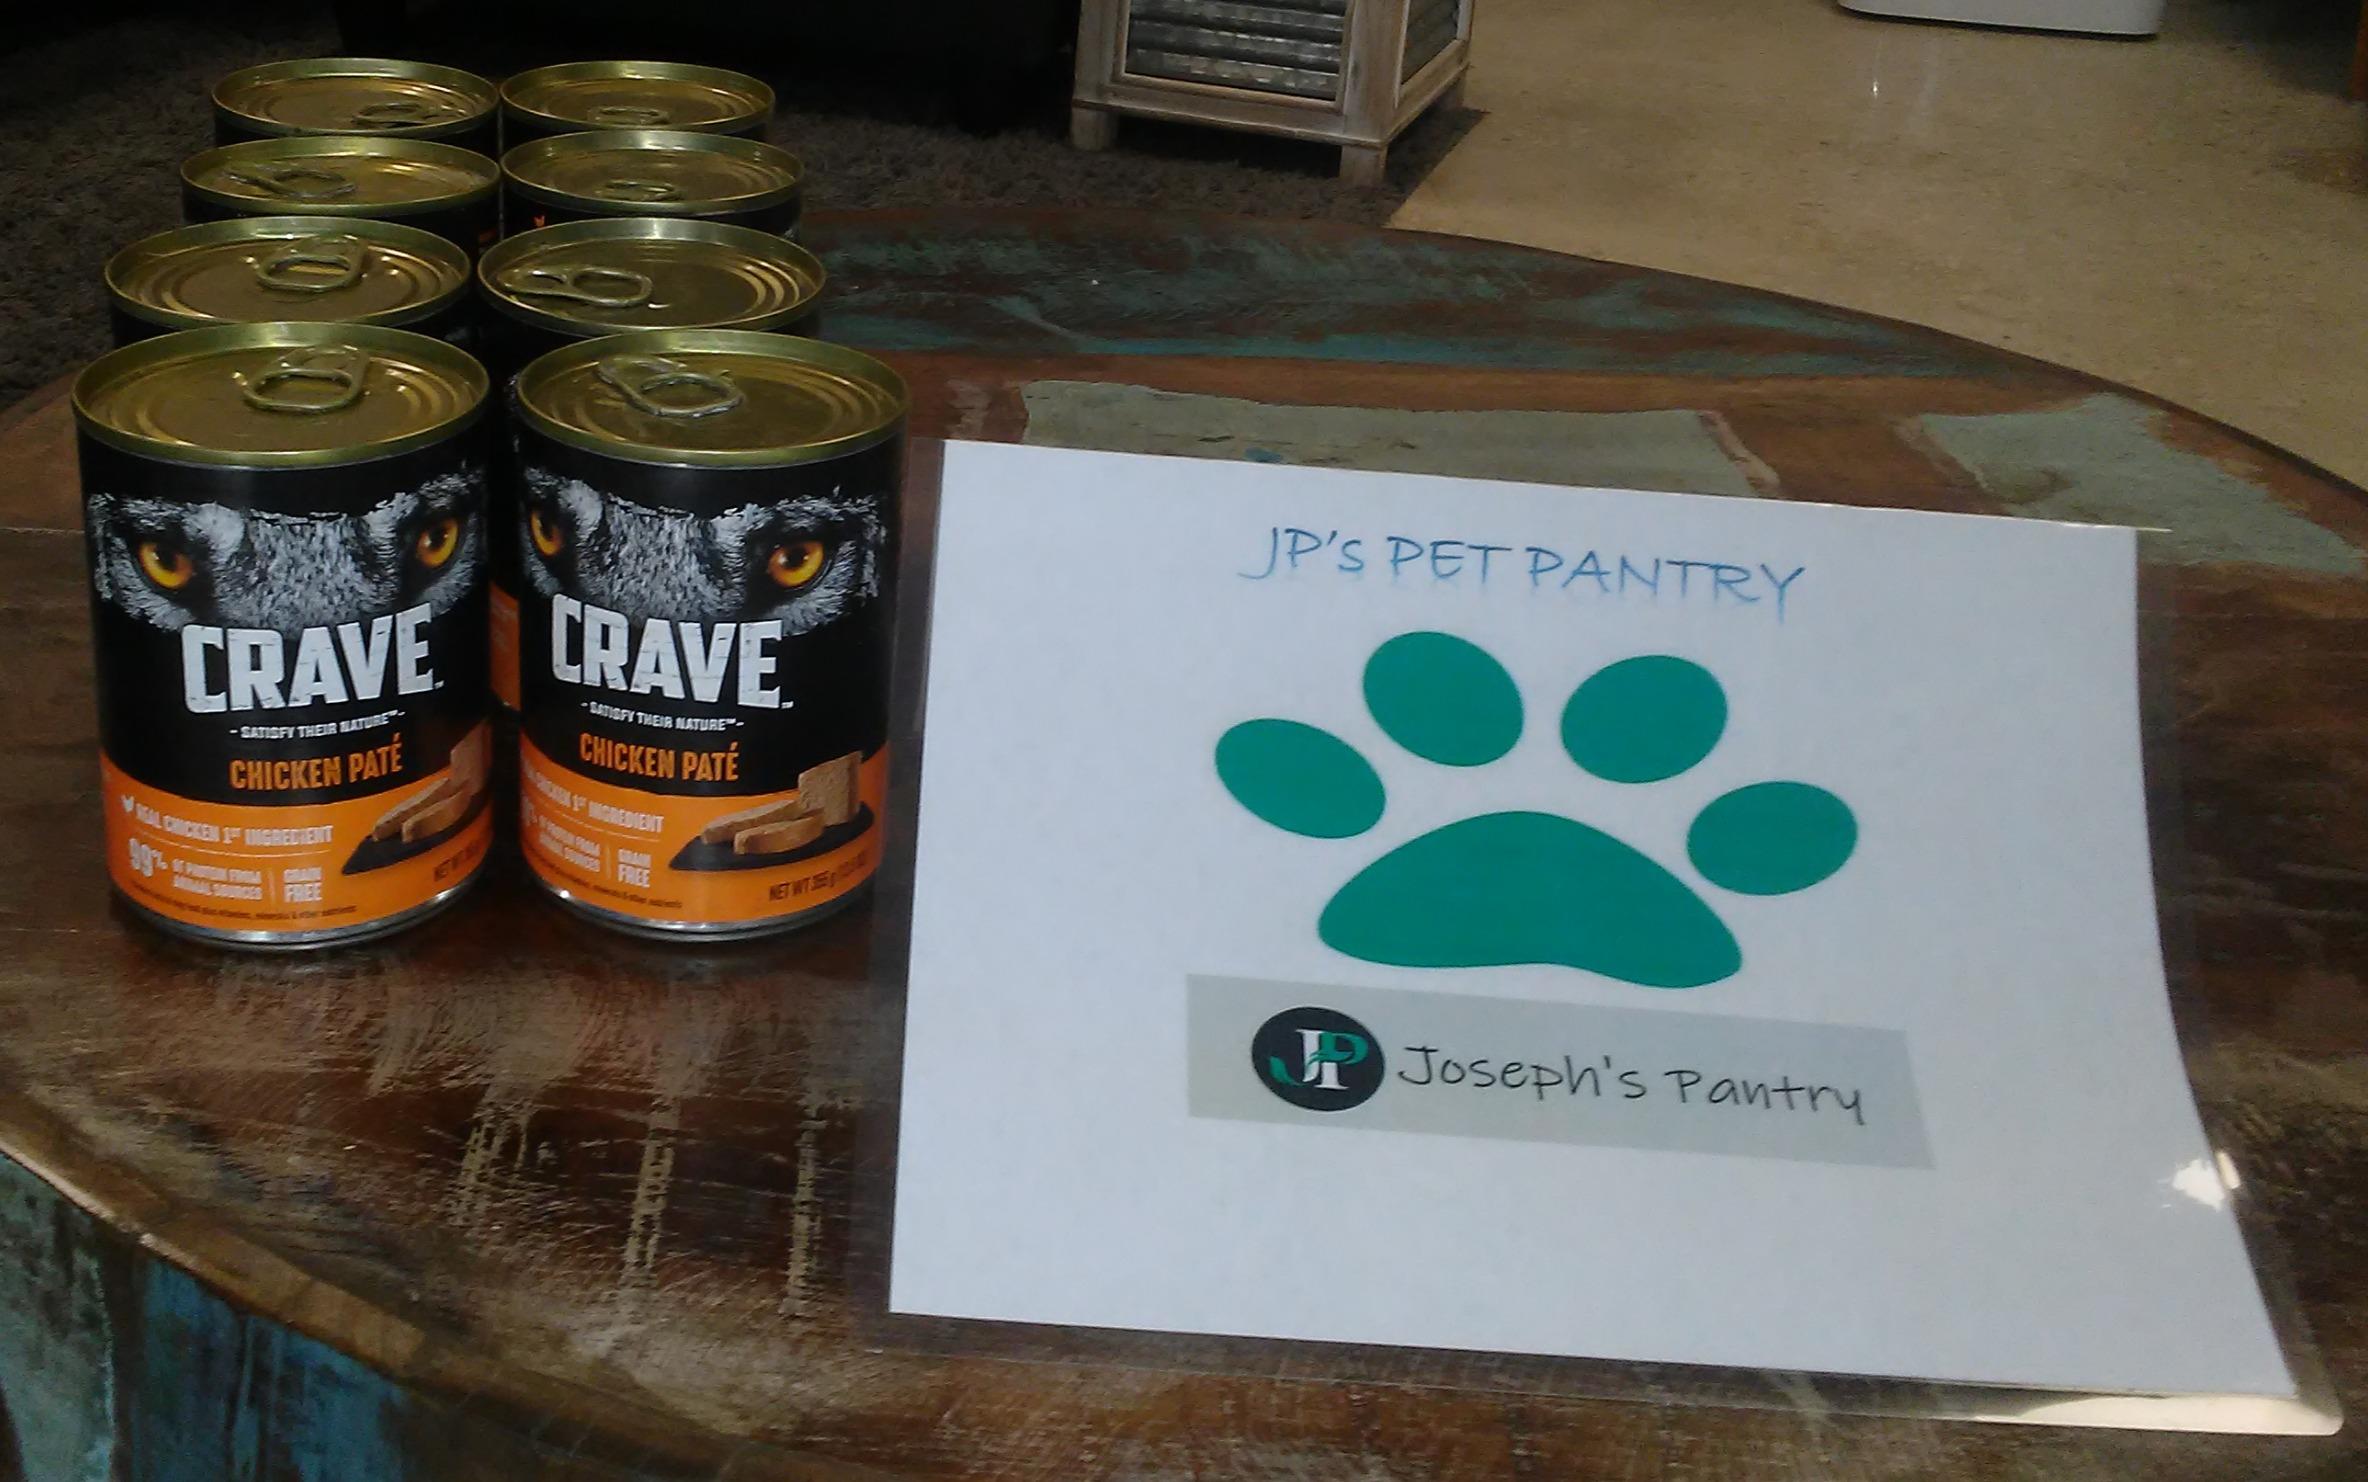 We Even Get Pet Food!